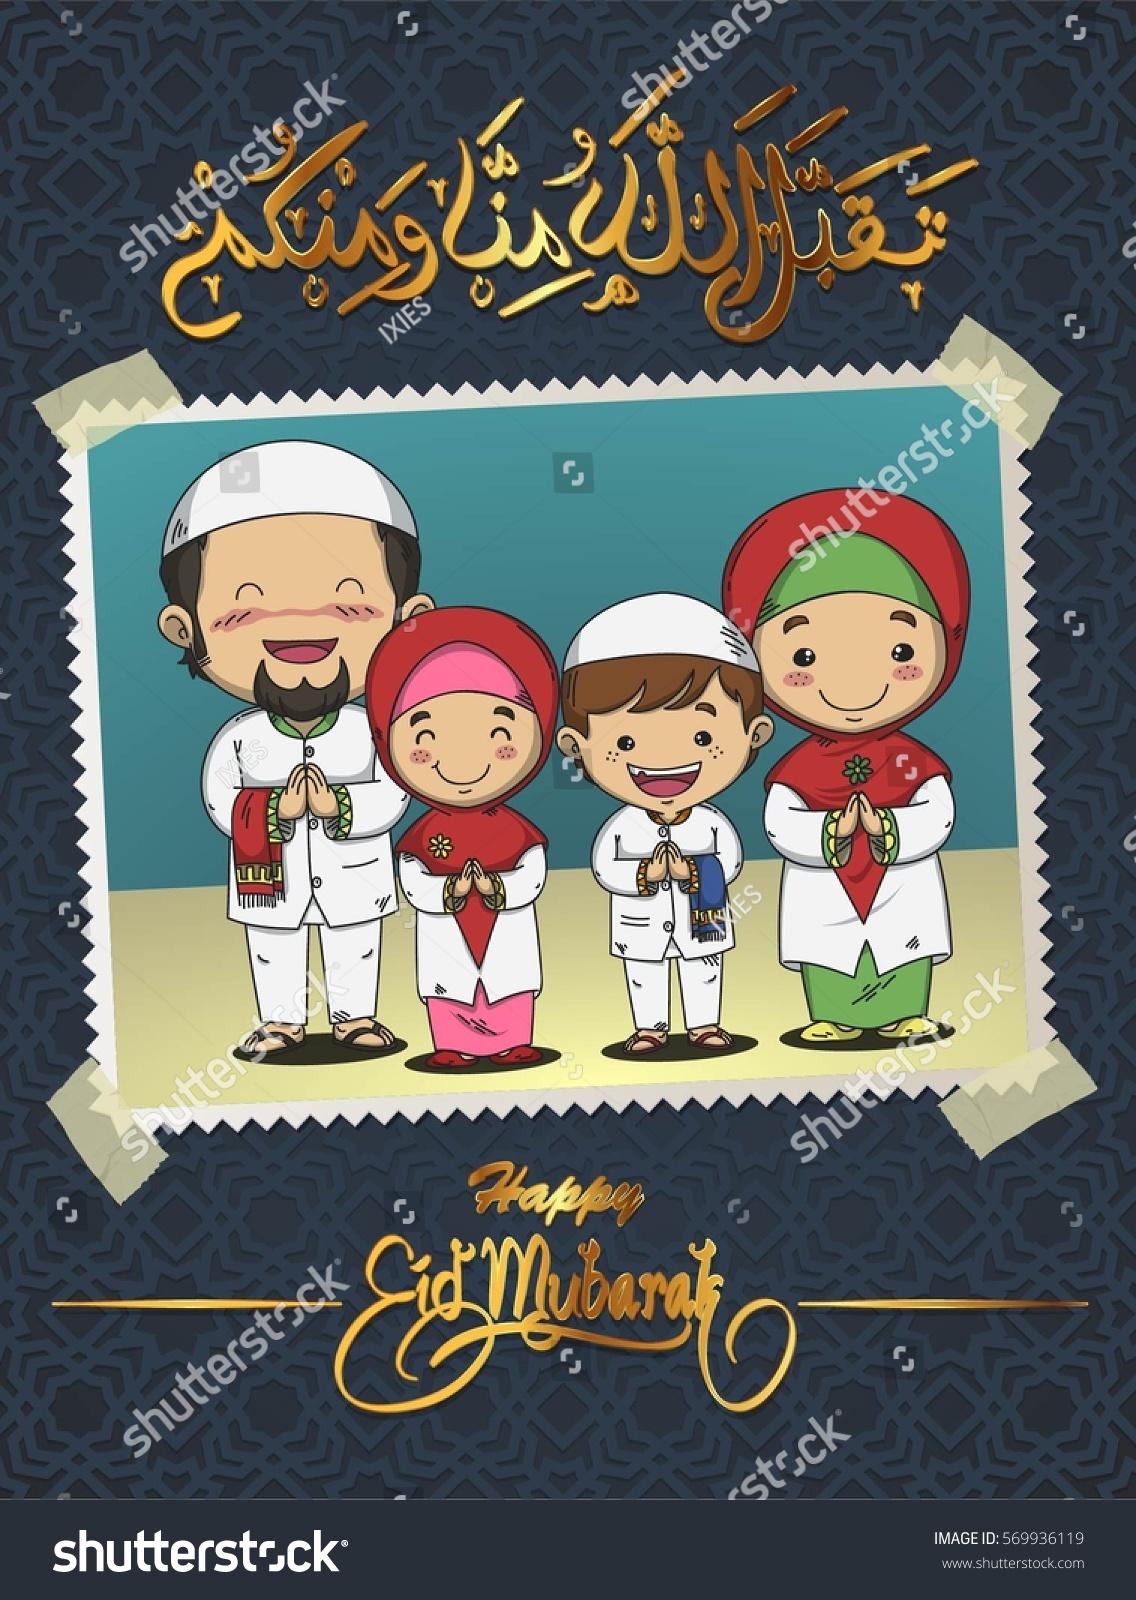 Taqabbalallahu Minna Waminkum : taqabbalallahu, minna, waminkum, Mubarak, Greeting, Calligraphy, Taqabbalallahu, Minna, Stock, Vector, (Royalty, Free), 569936119